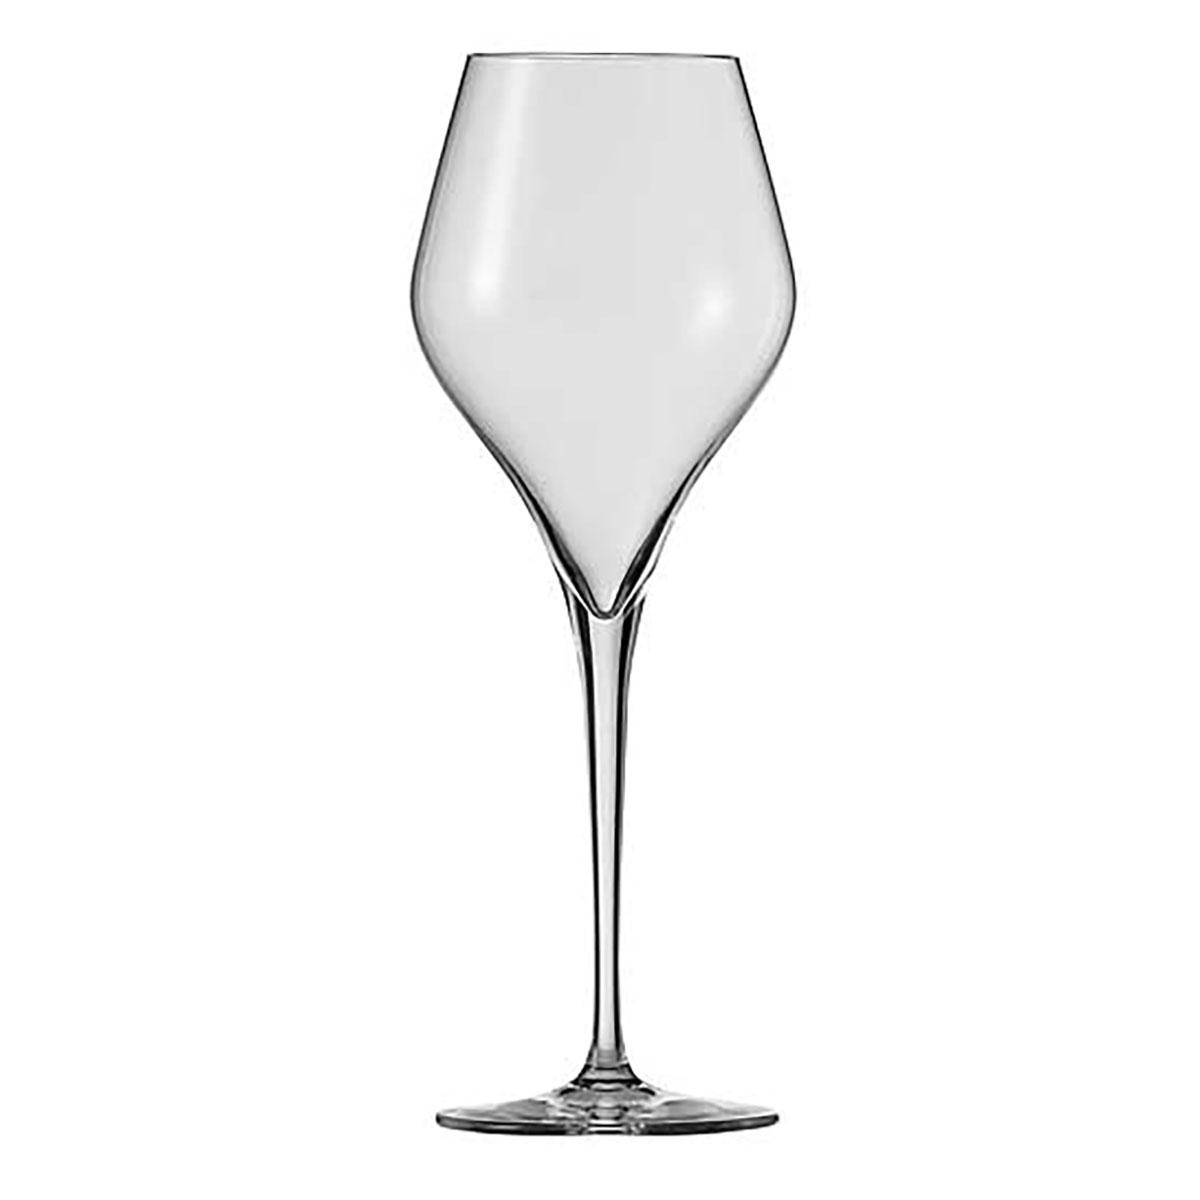 Schott Zwiesel Tritan Crystal, Finesse Riesling Glass, Set of Six